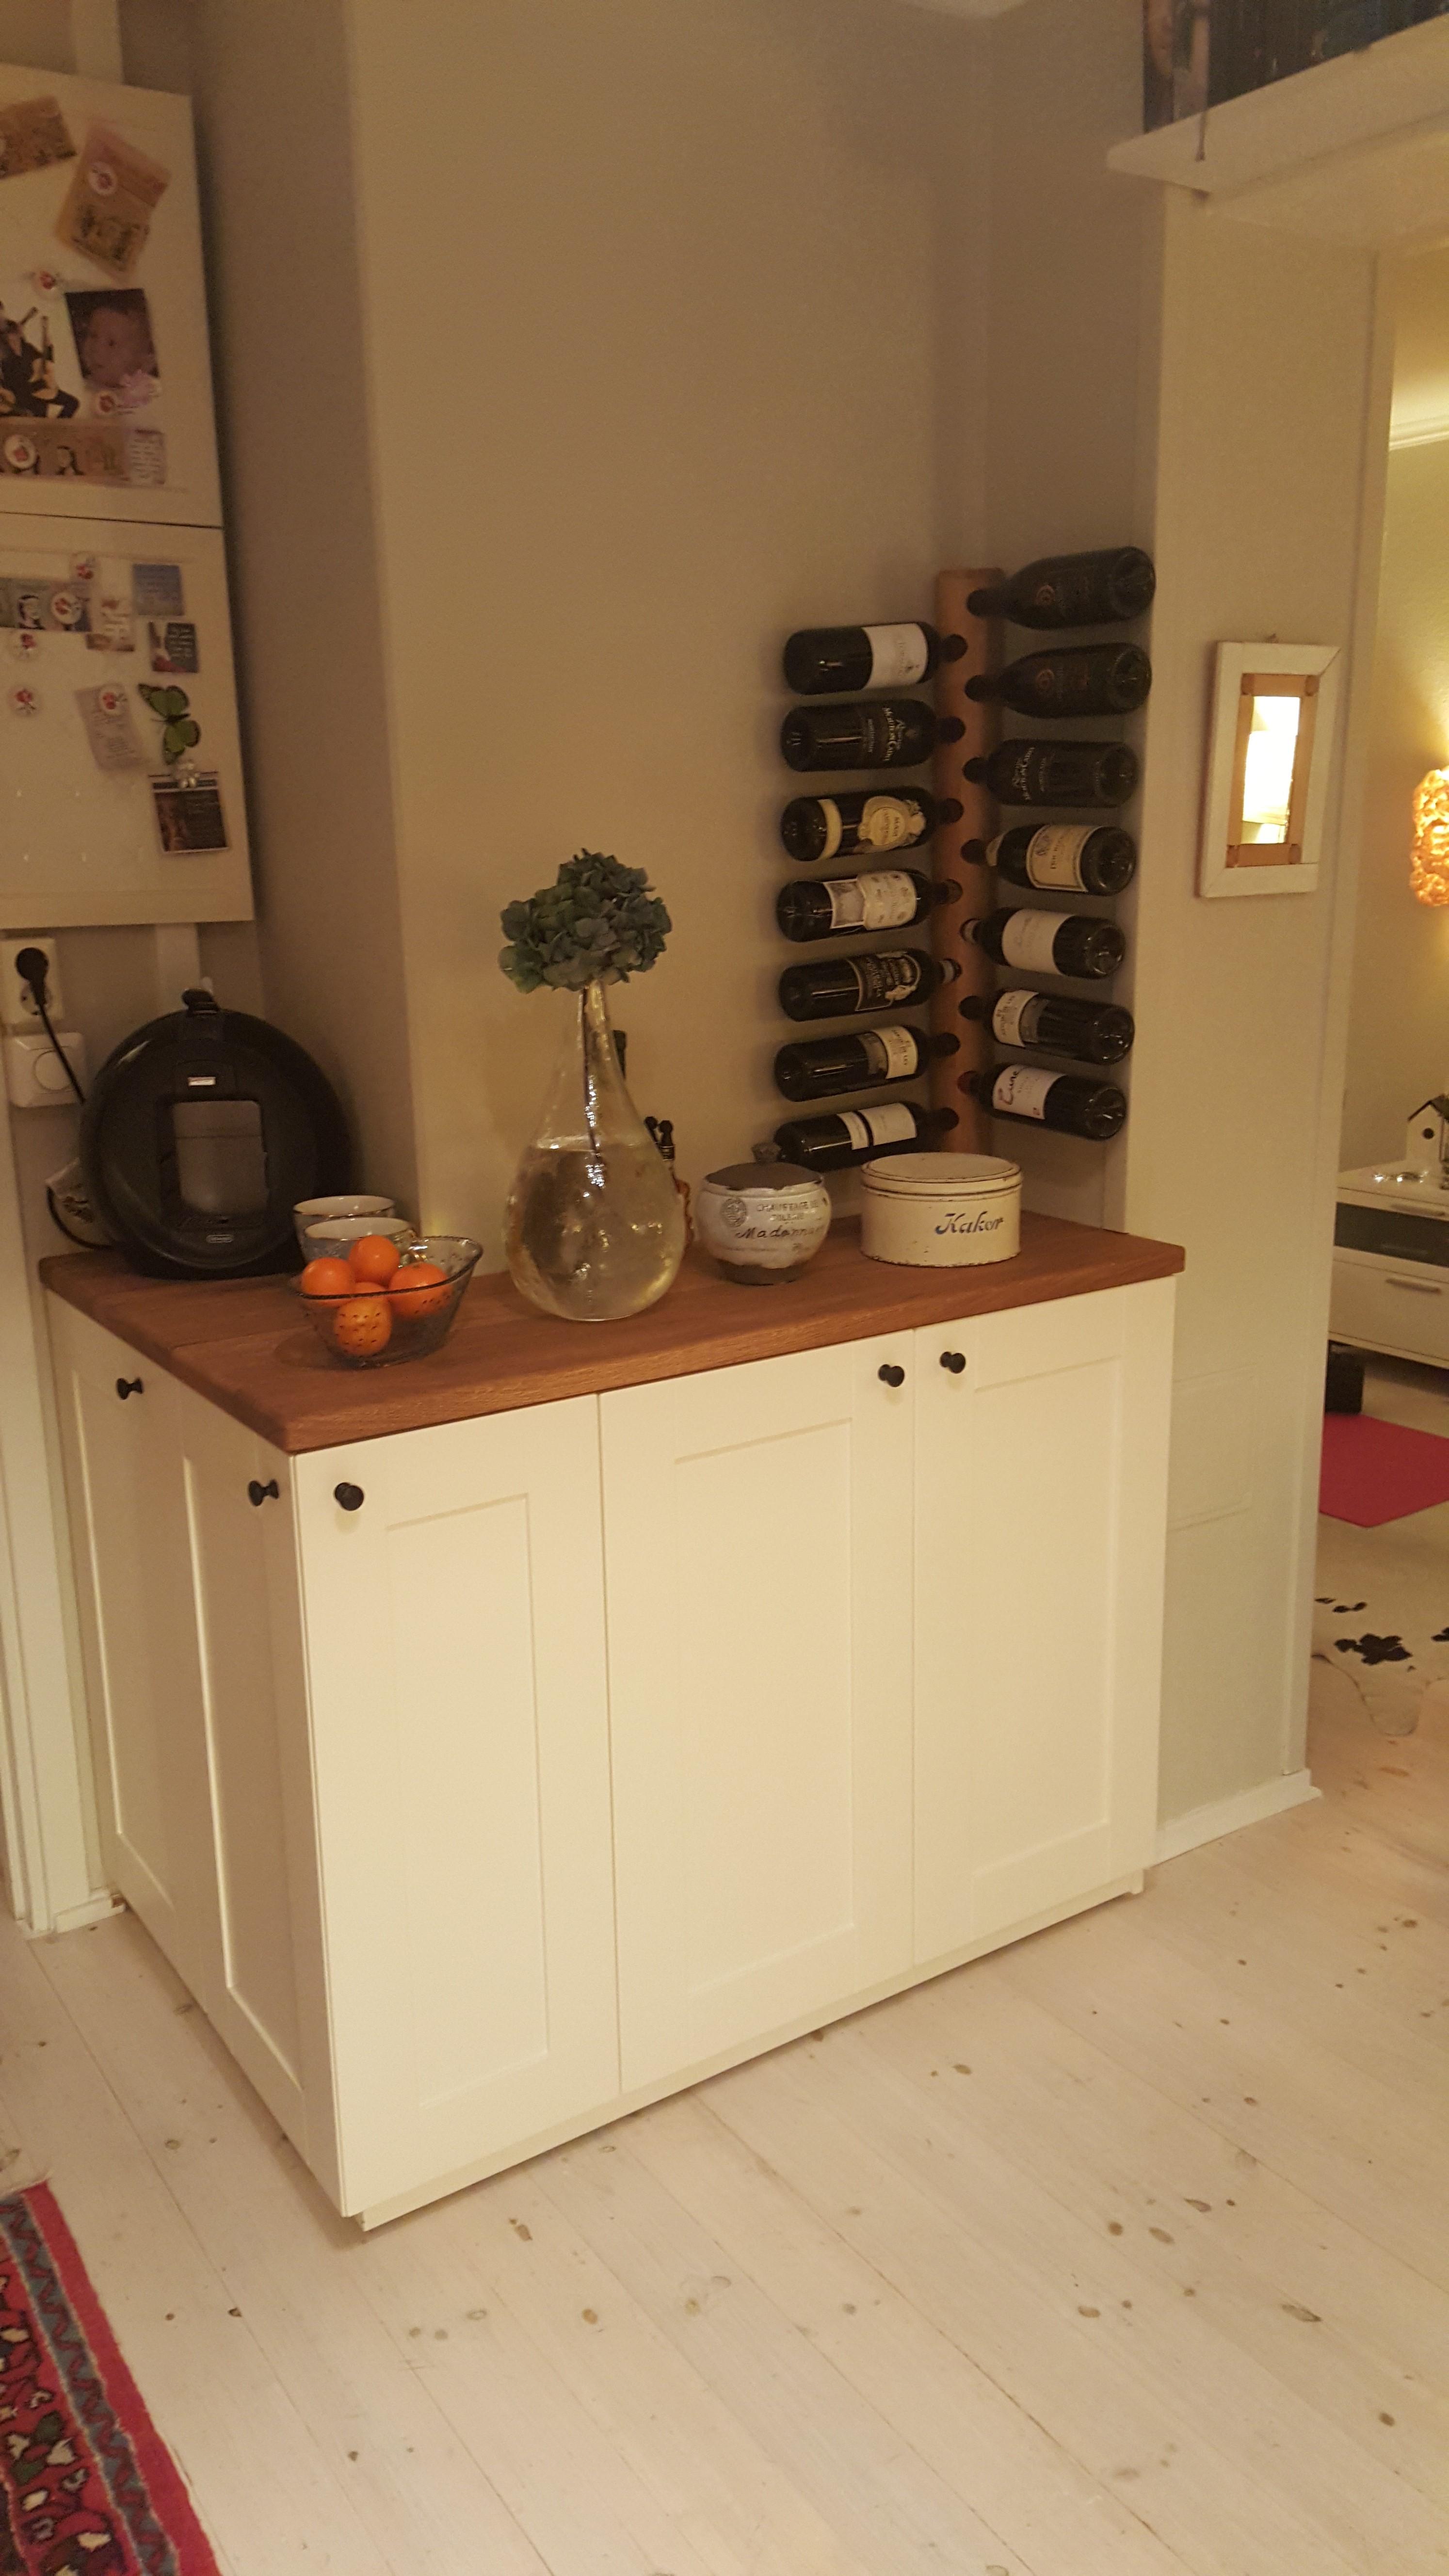 Interiør - Kjøkken og vinreol